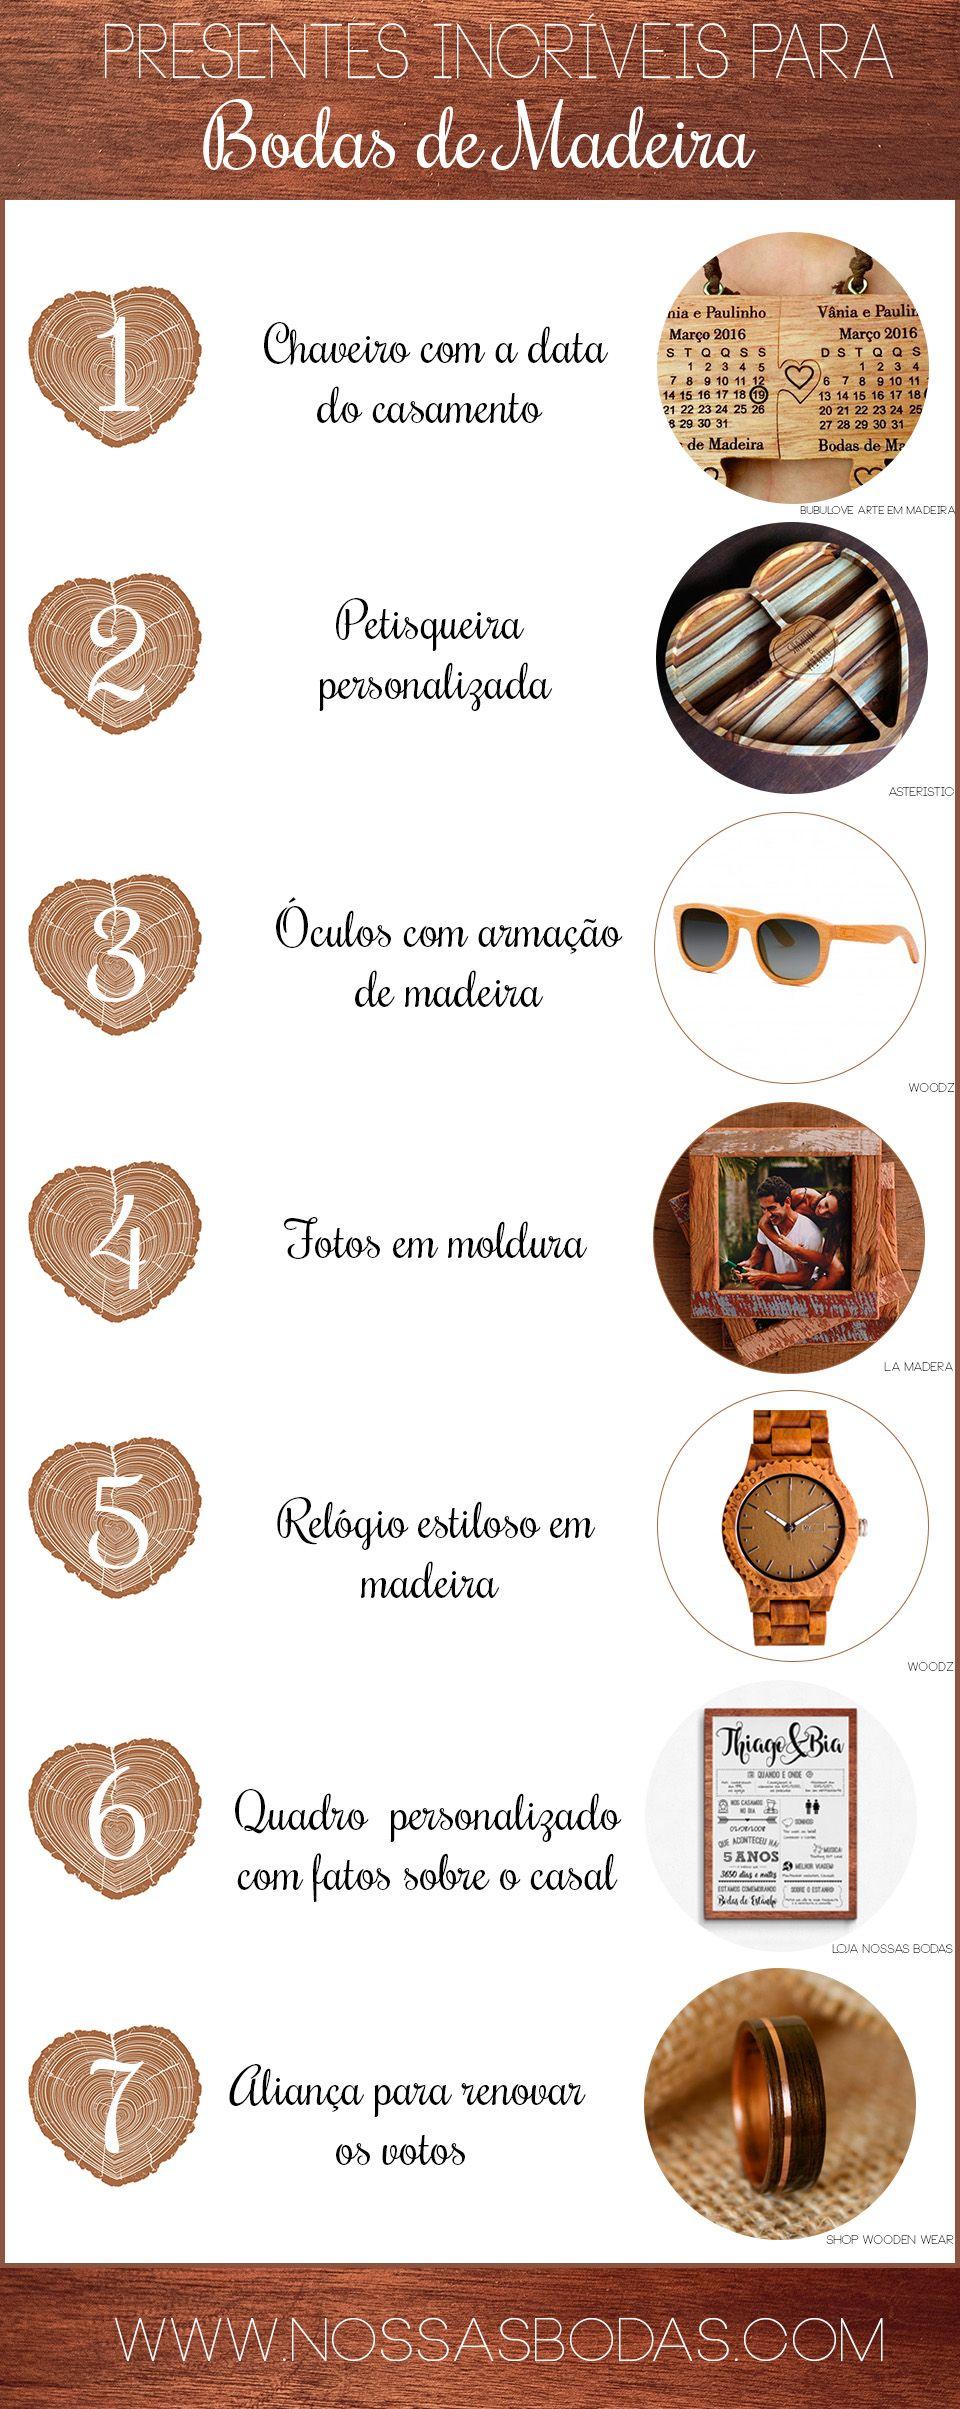 7 Presentes Incriveis Para Bodas De Madeira Aniversario De